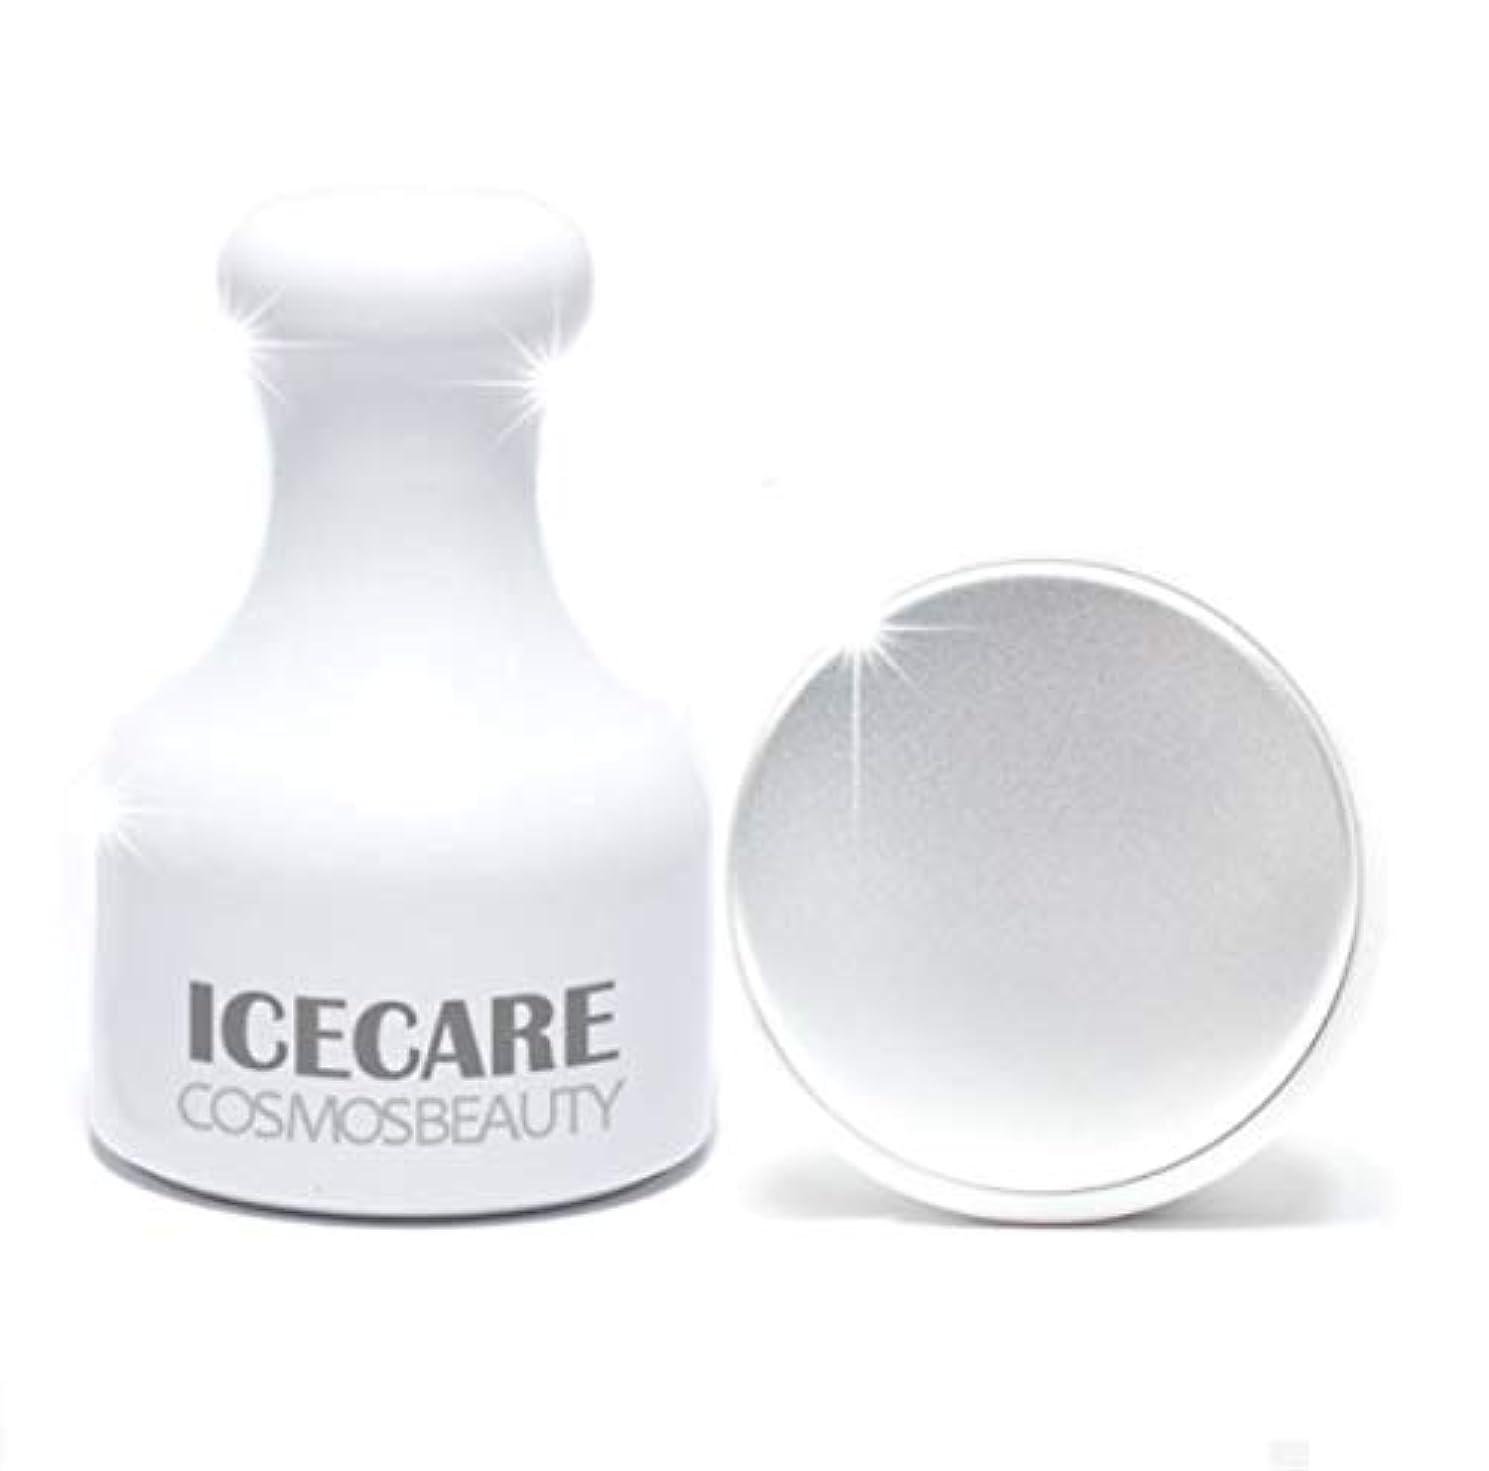 霊じゃないスイス人Cosmosbeauty Ice Care 毛穴ケア、冷マッサージ,フェイスクーラーアイスローラーフェイスローラー顔マッサージ機構の腫れ抜き方法毛穴縮小(海外直送品)